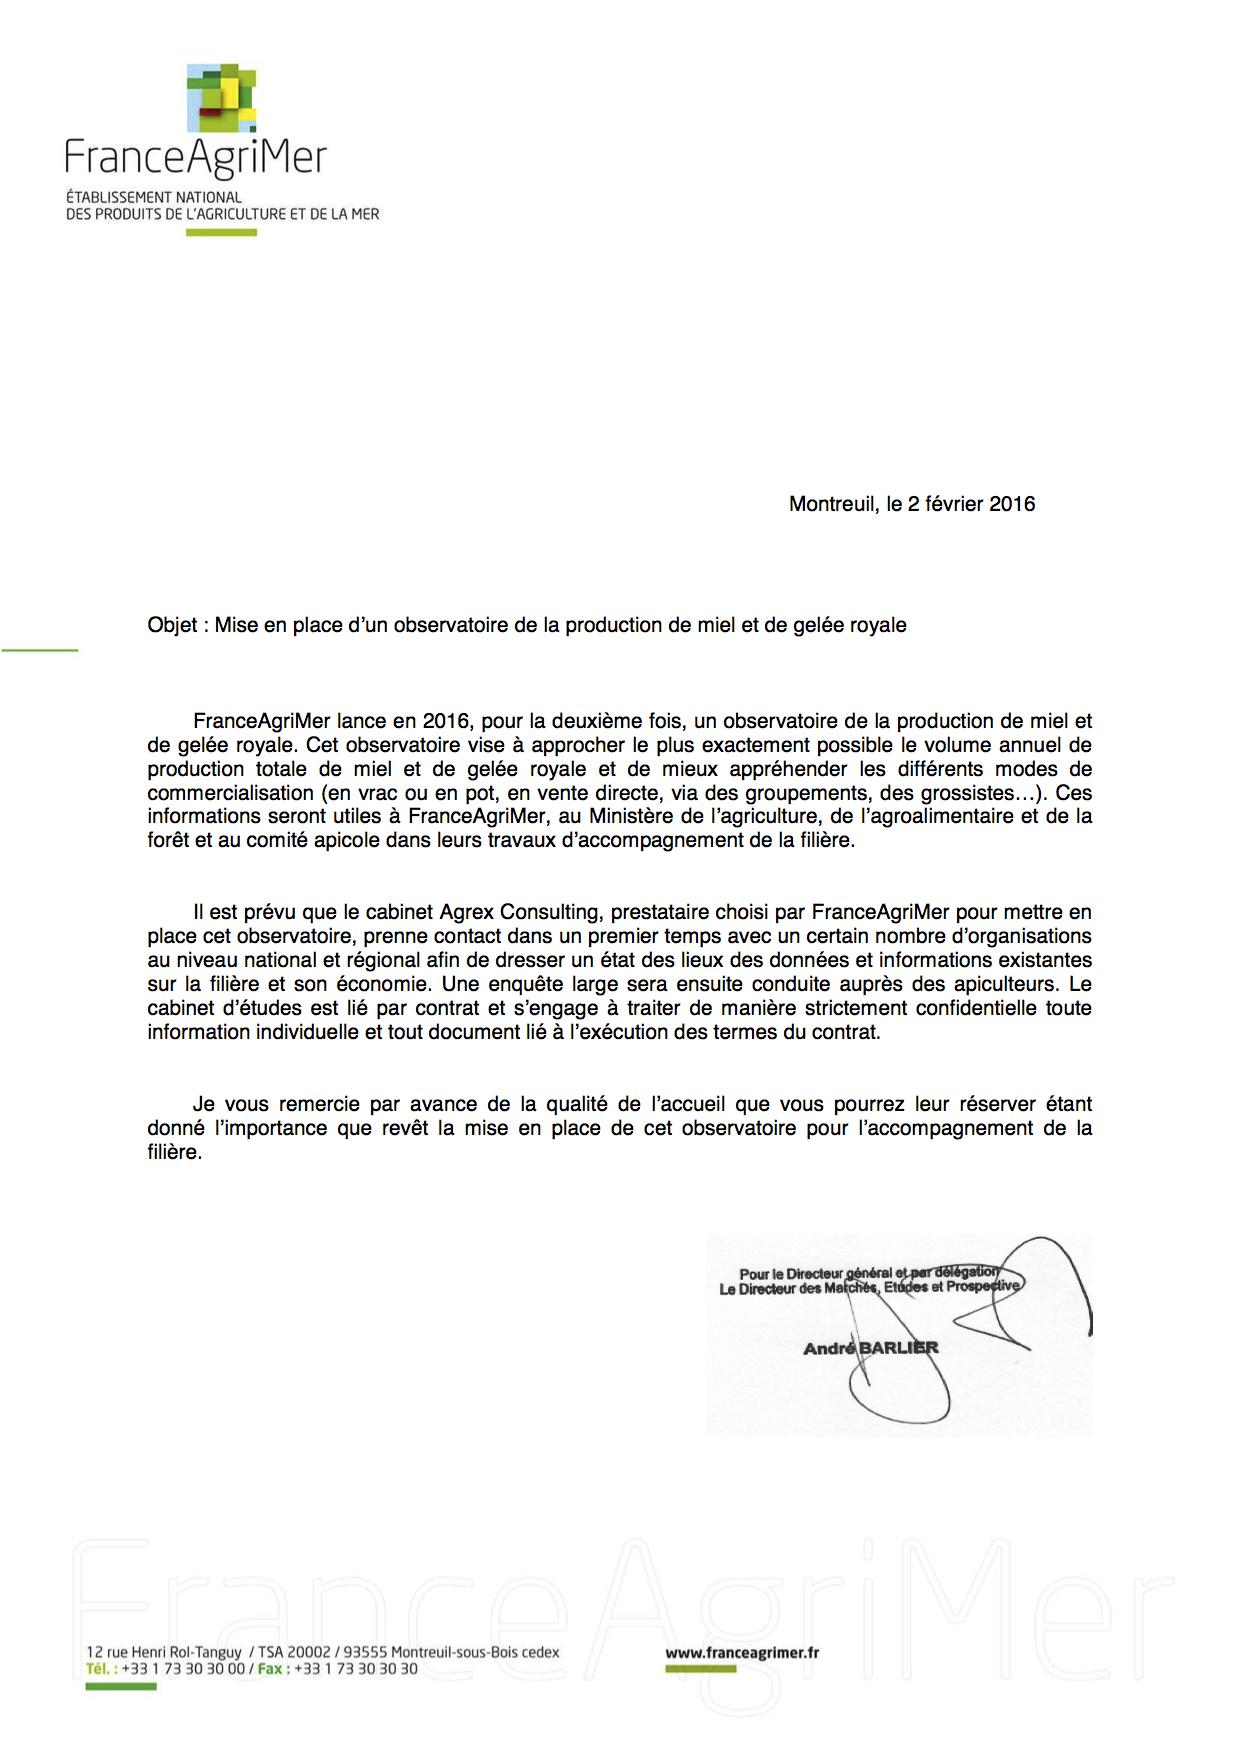 AGREX lettre de mission observatoire miel